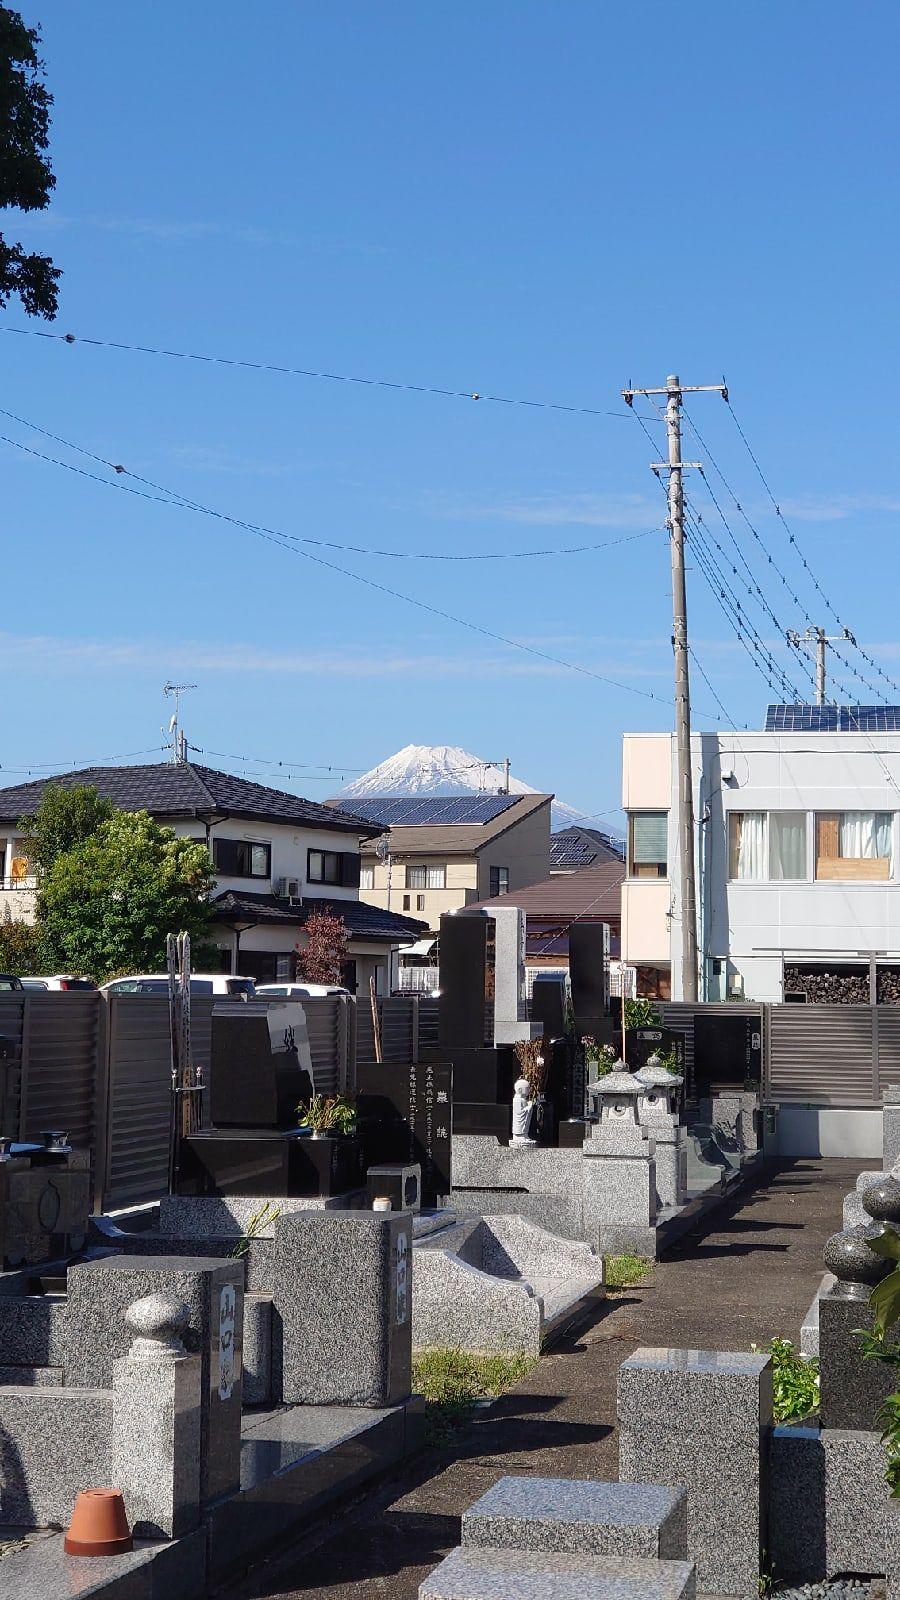 Один мой день в префектуре Сидзока, Япония, я покажу вам долгожданную семейную поездку, фото 14